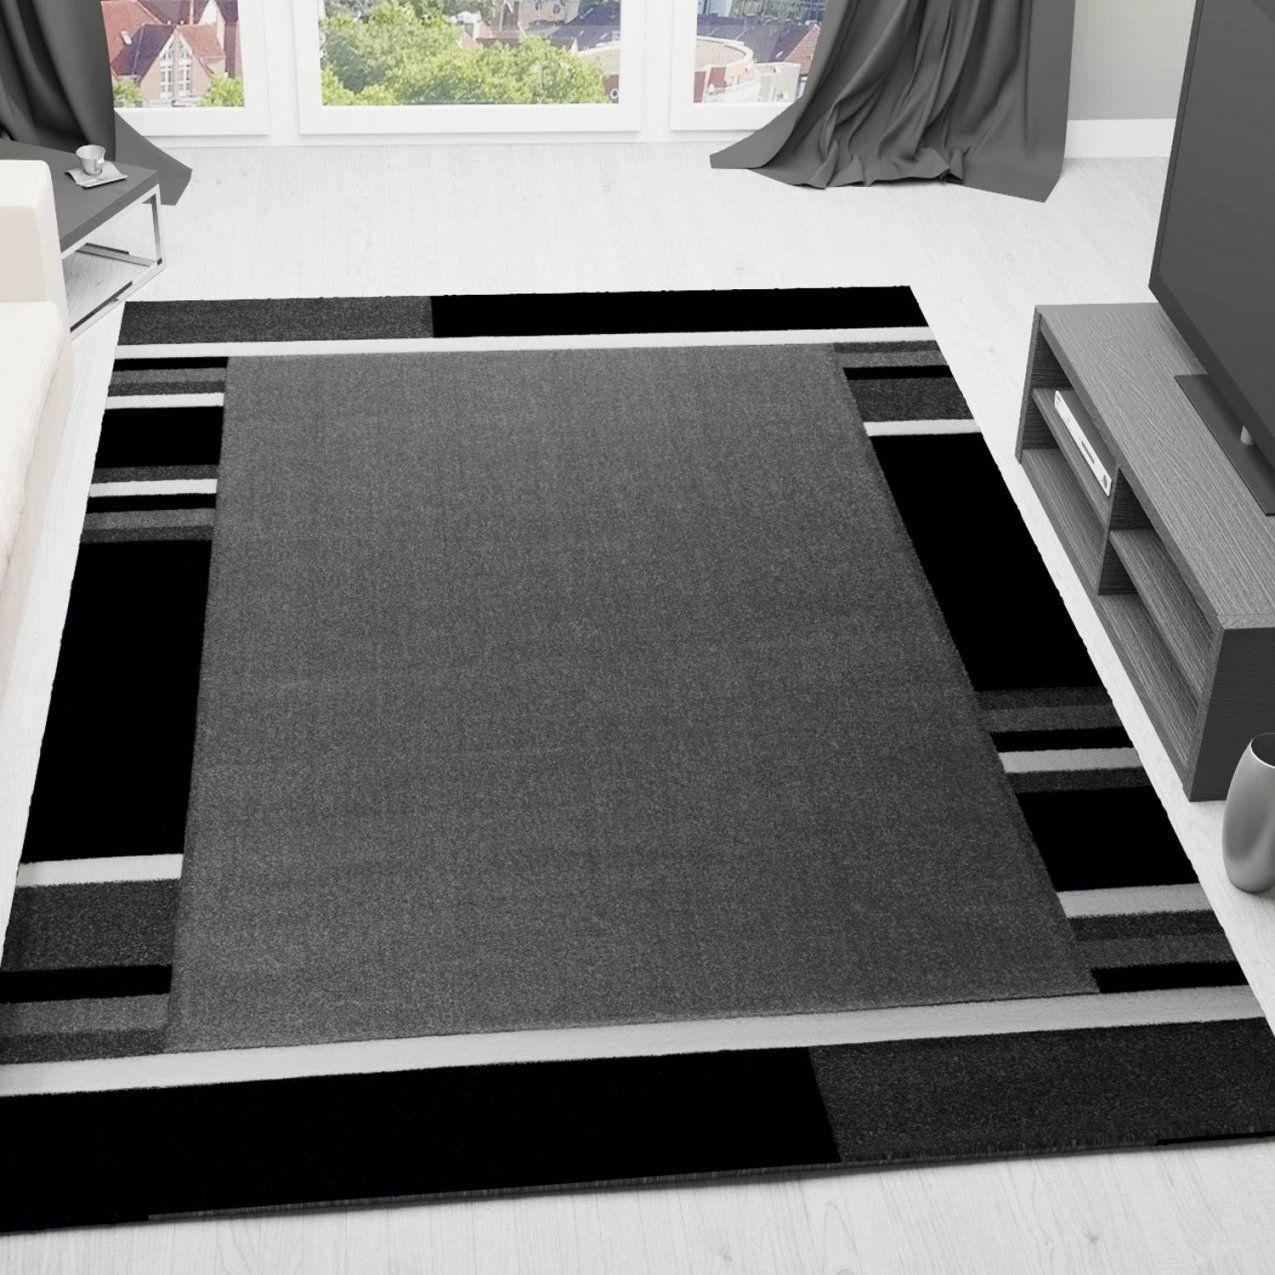 Teppiche Bezaubernd Teppich Läufer Schwarz Weiß Ausgezeichnet von Teppich Schwarz Weiß Gestreift Photo